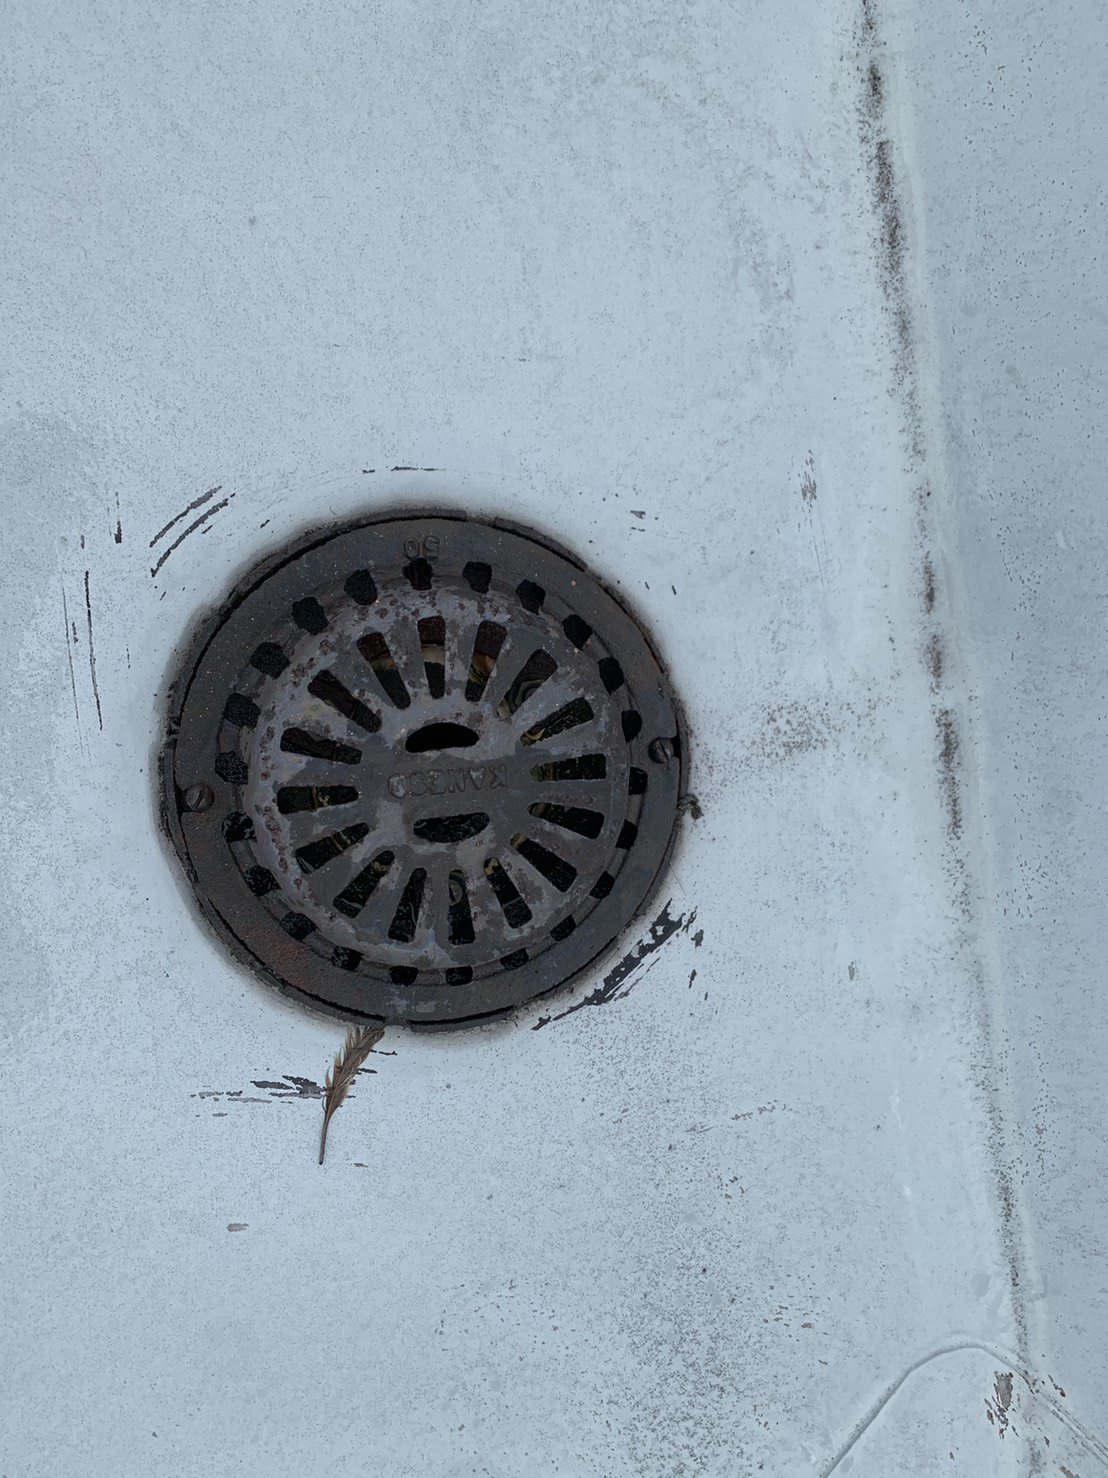 屋上防水に設けられている排水溝の様子